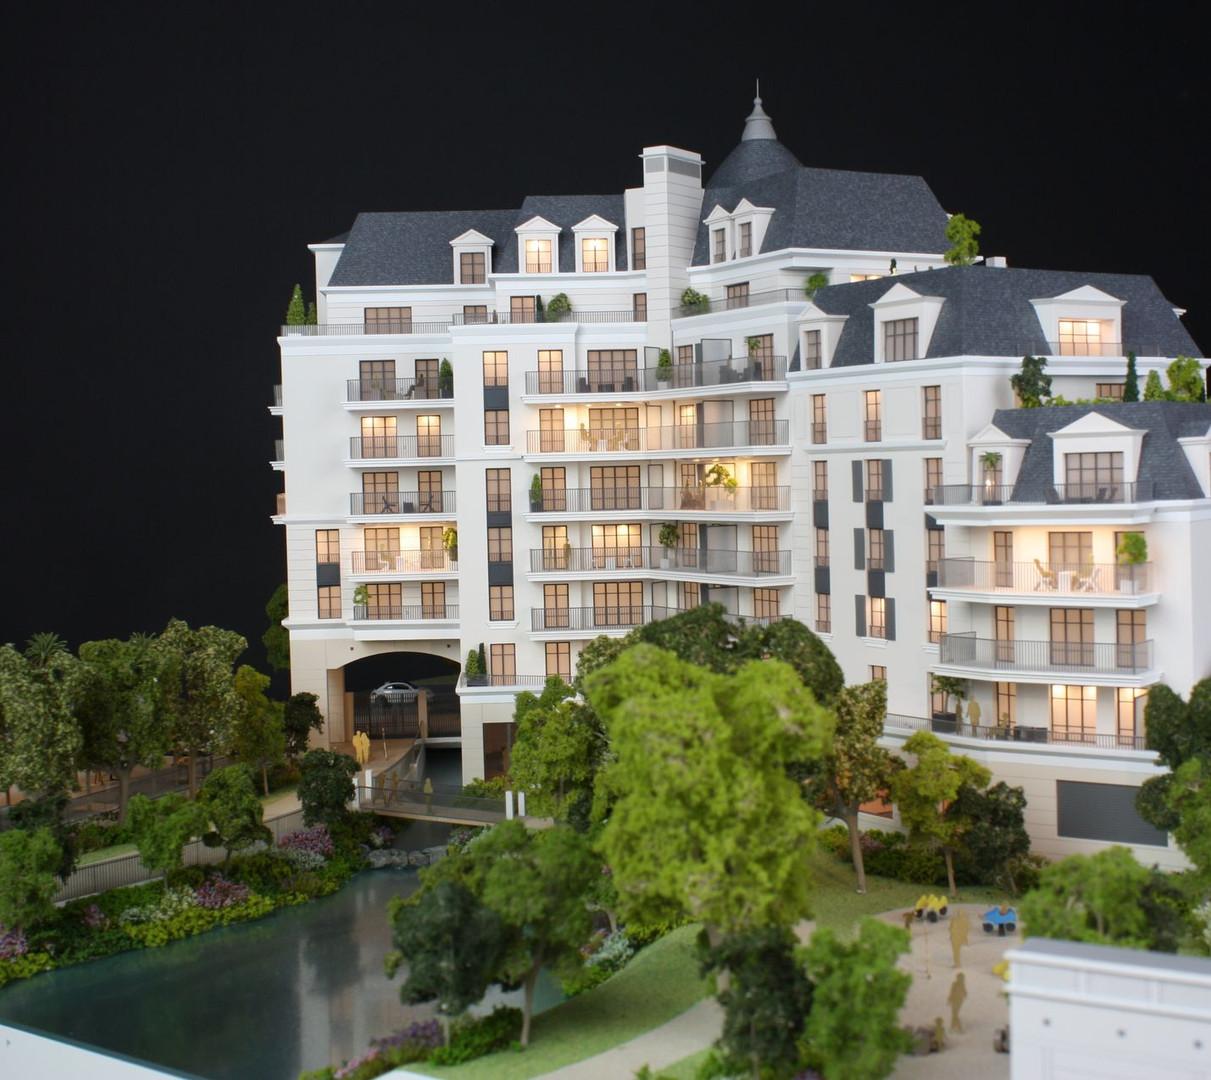 Maquette du projet Puteaux - Promotion immobilière - Atelier Pyramid